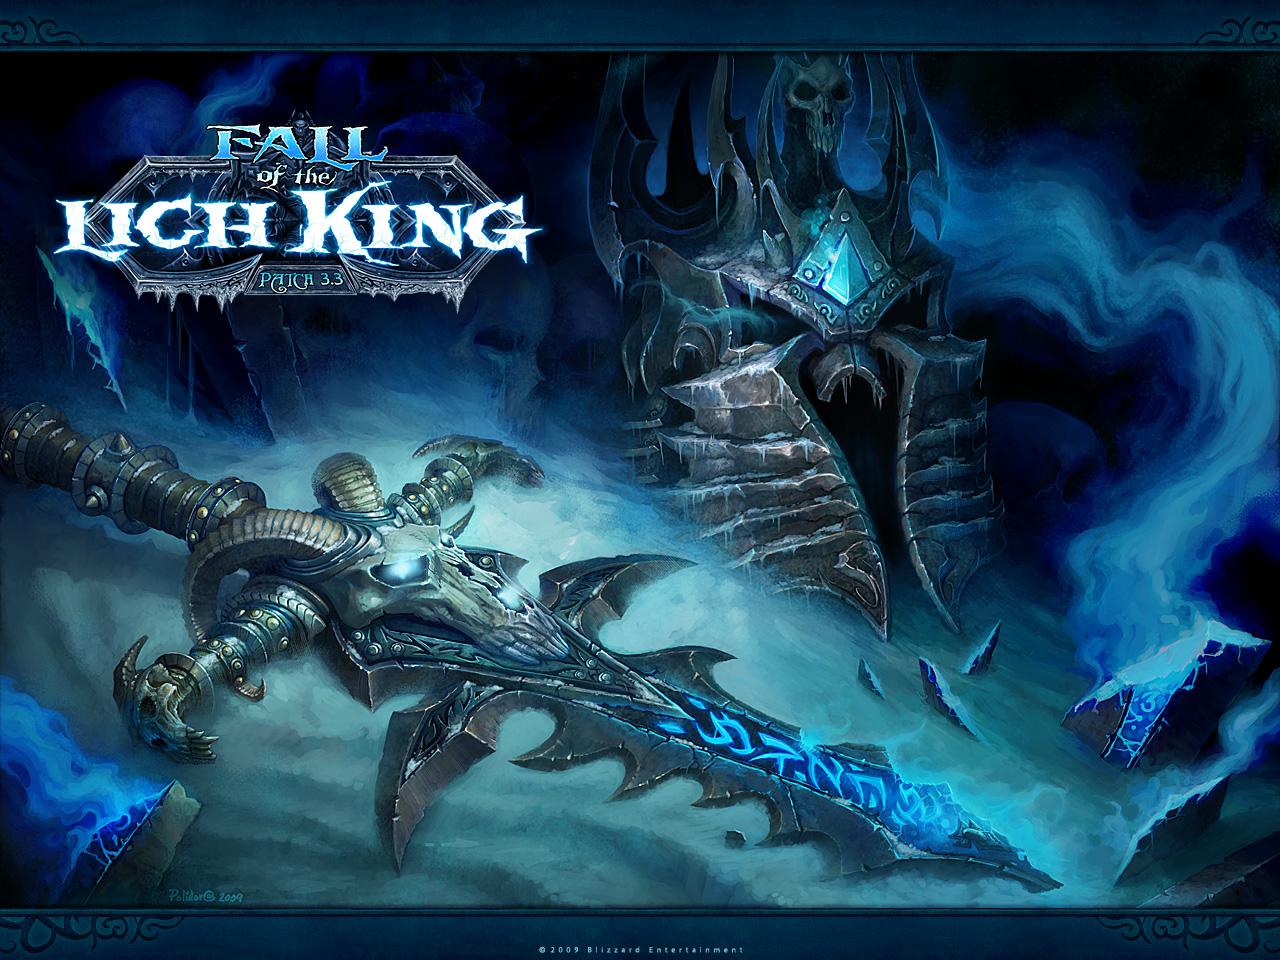 http://3.bp.blogspot.com/-gl90JAnvUiw/TtlkEclSL4I/AAAAAAAAAFY/ygHyFRPufjI/s1600/world_of_warcraft_fall_of_lich_king_wallpaper.jpg